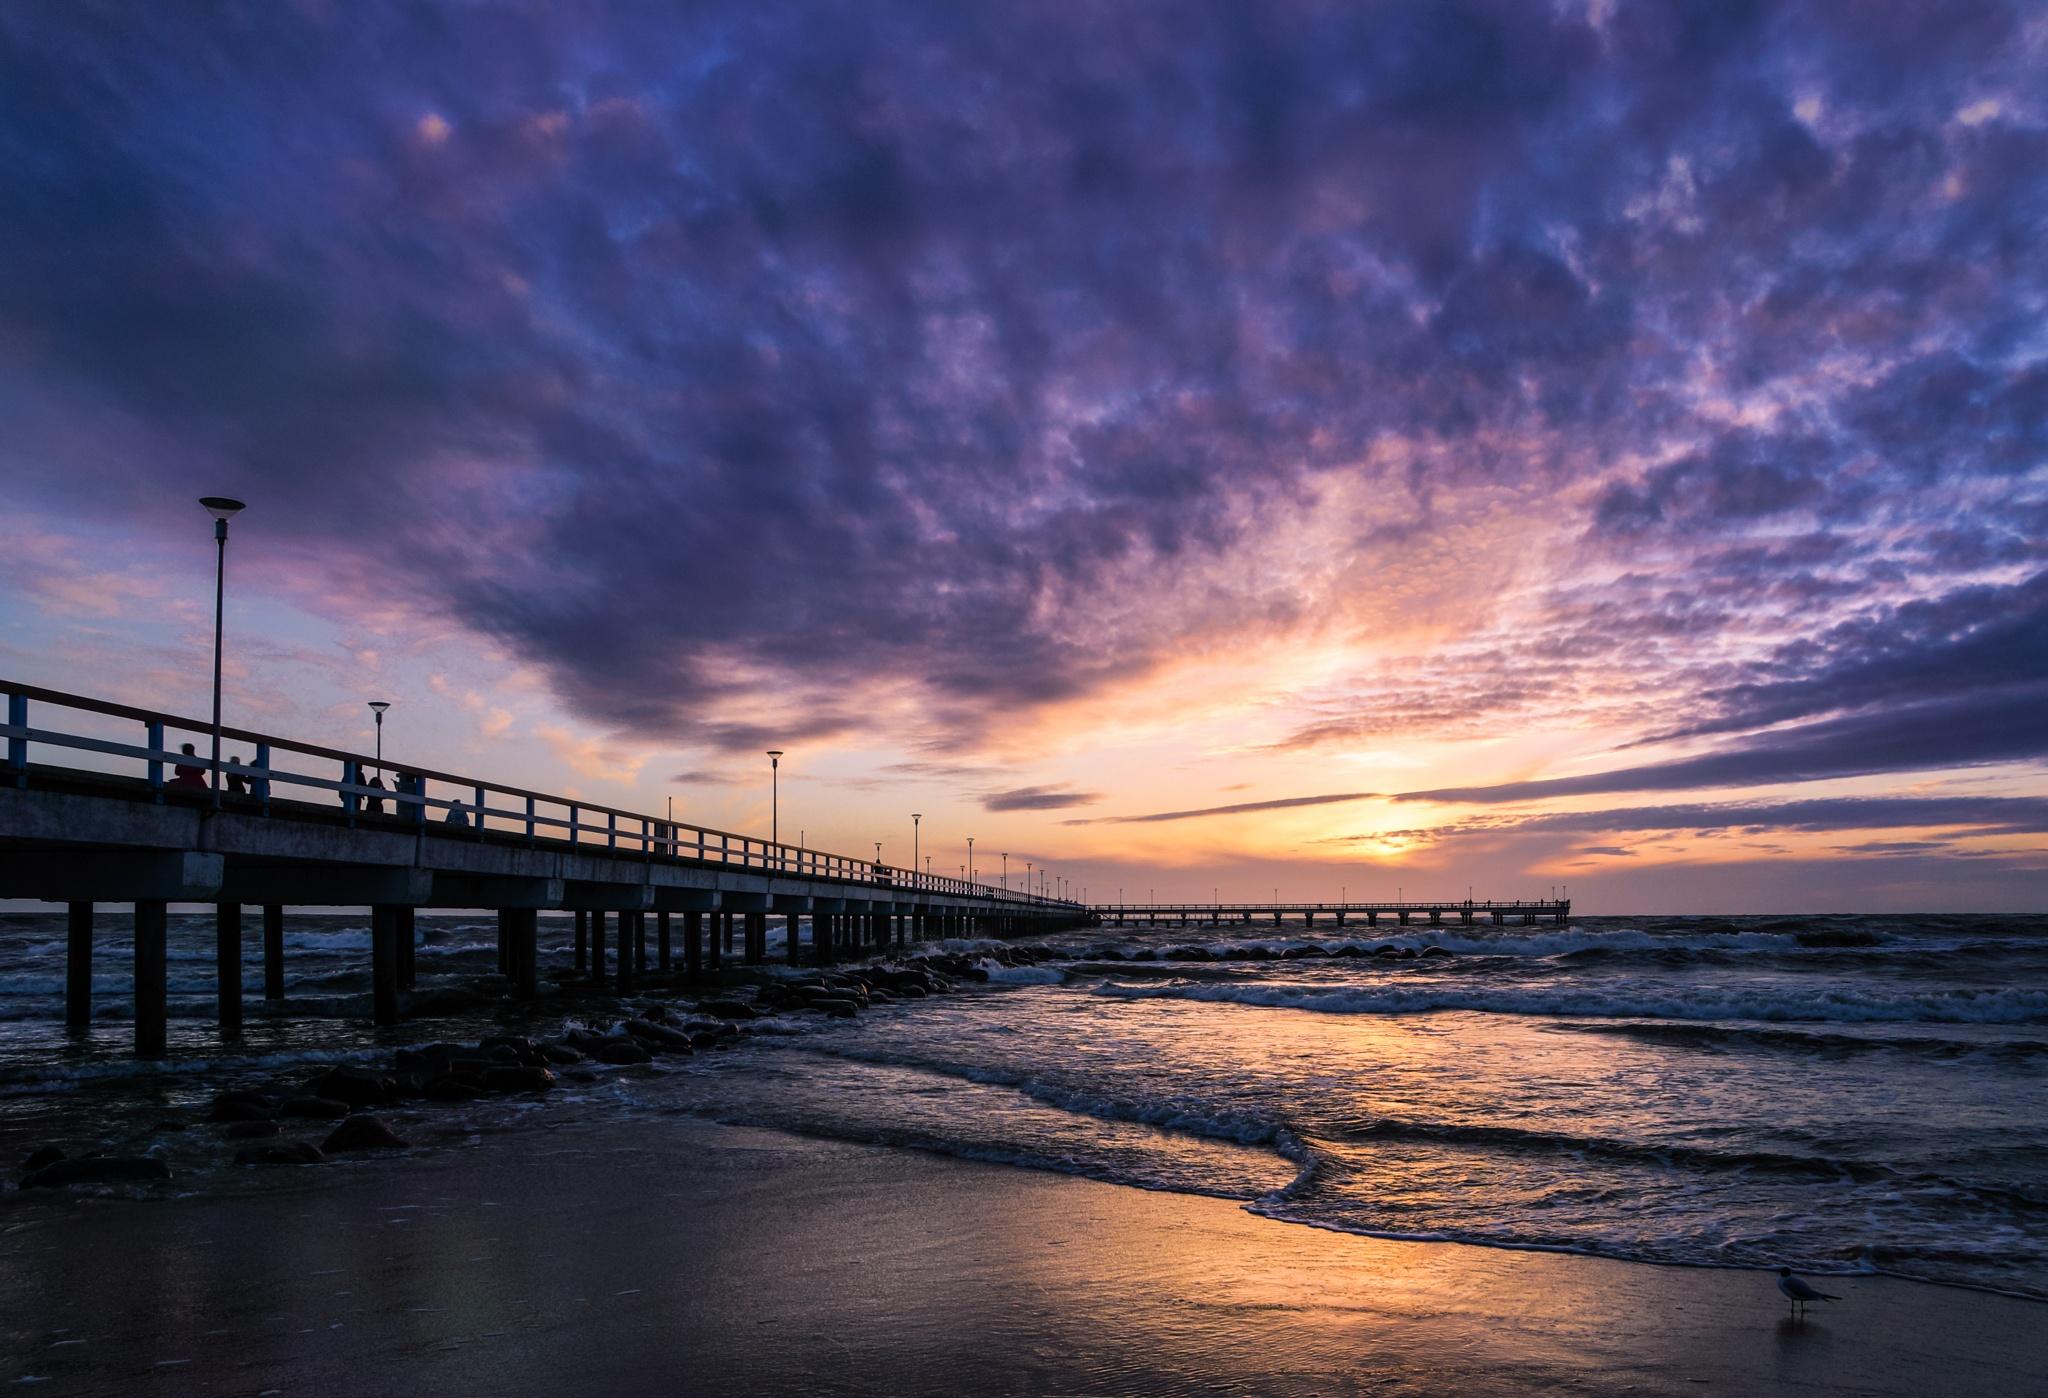 Evening bridge by DariusBirstonas